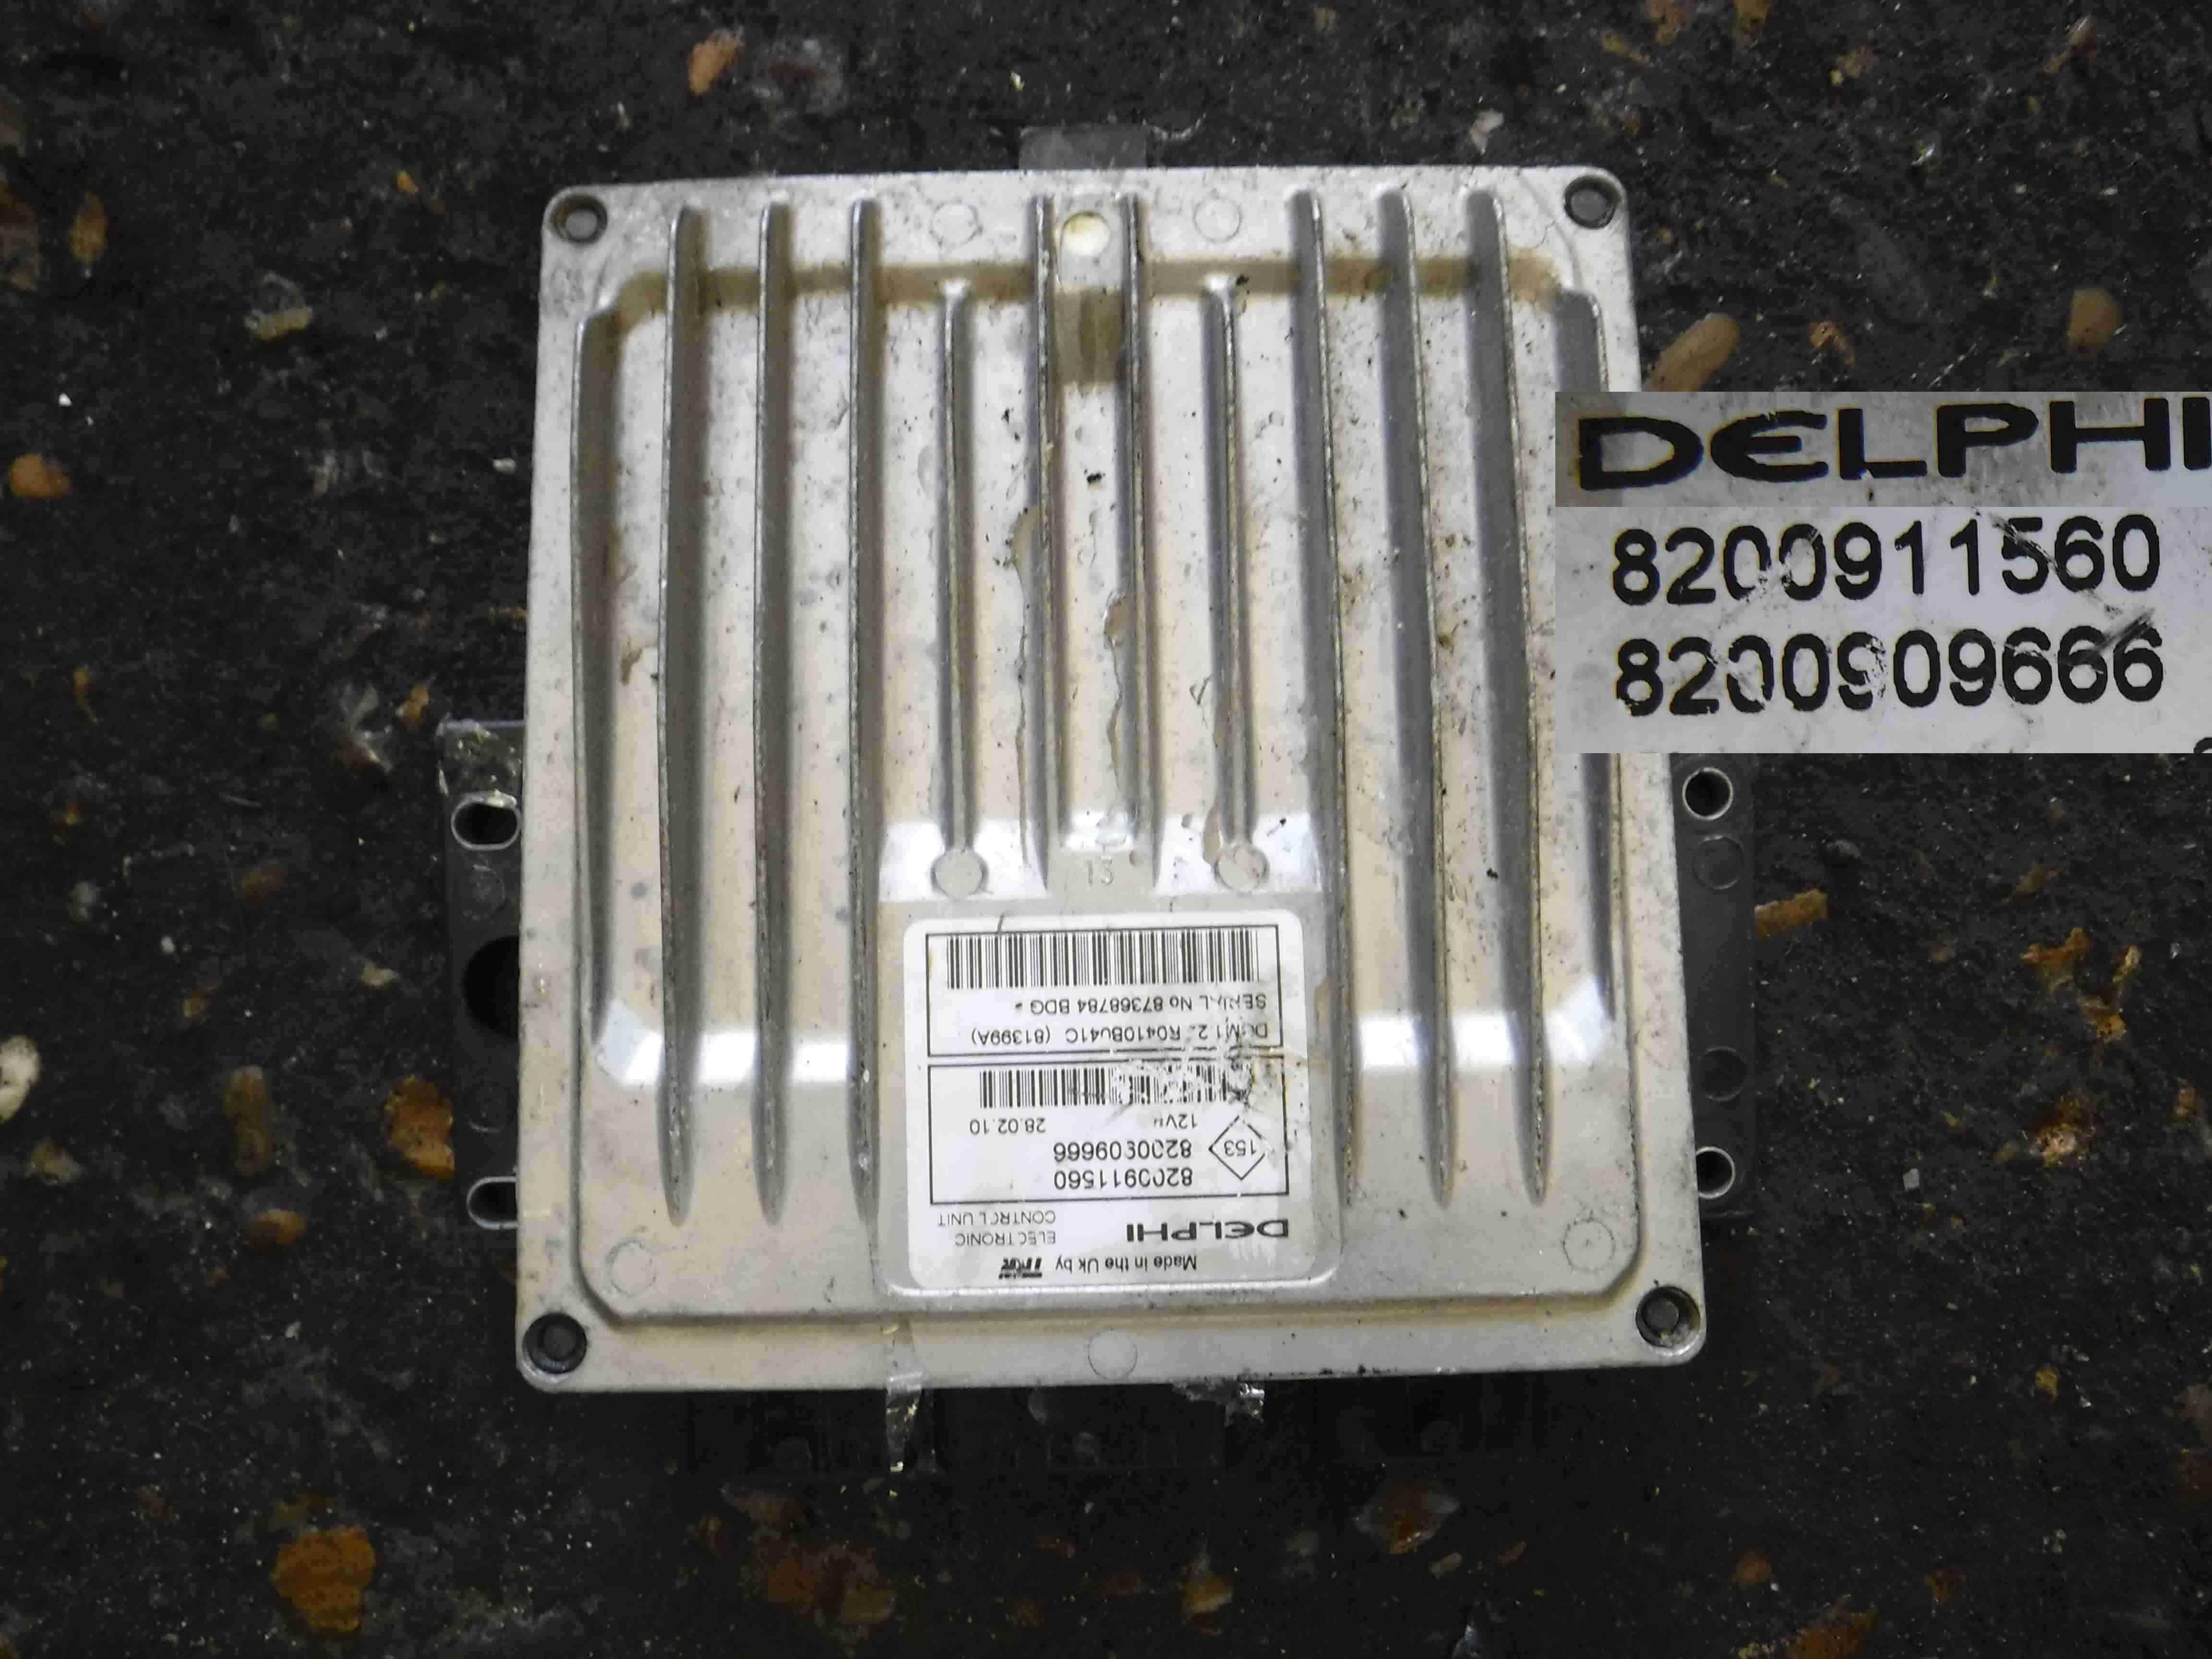 Renault Clio MK3 2005-2012 1.5 dCi ECU Engine Control Unit 8200909666 8200911560